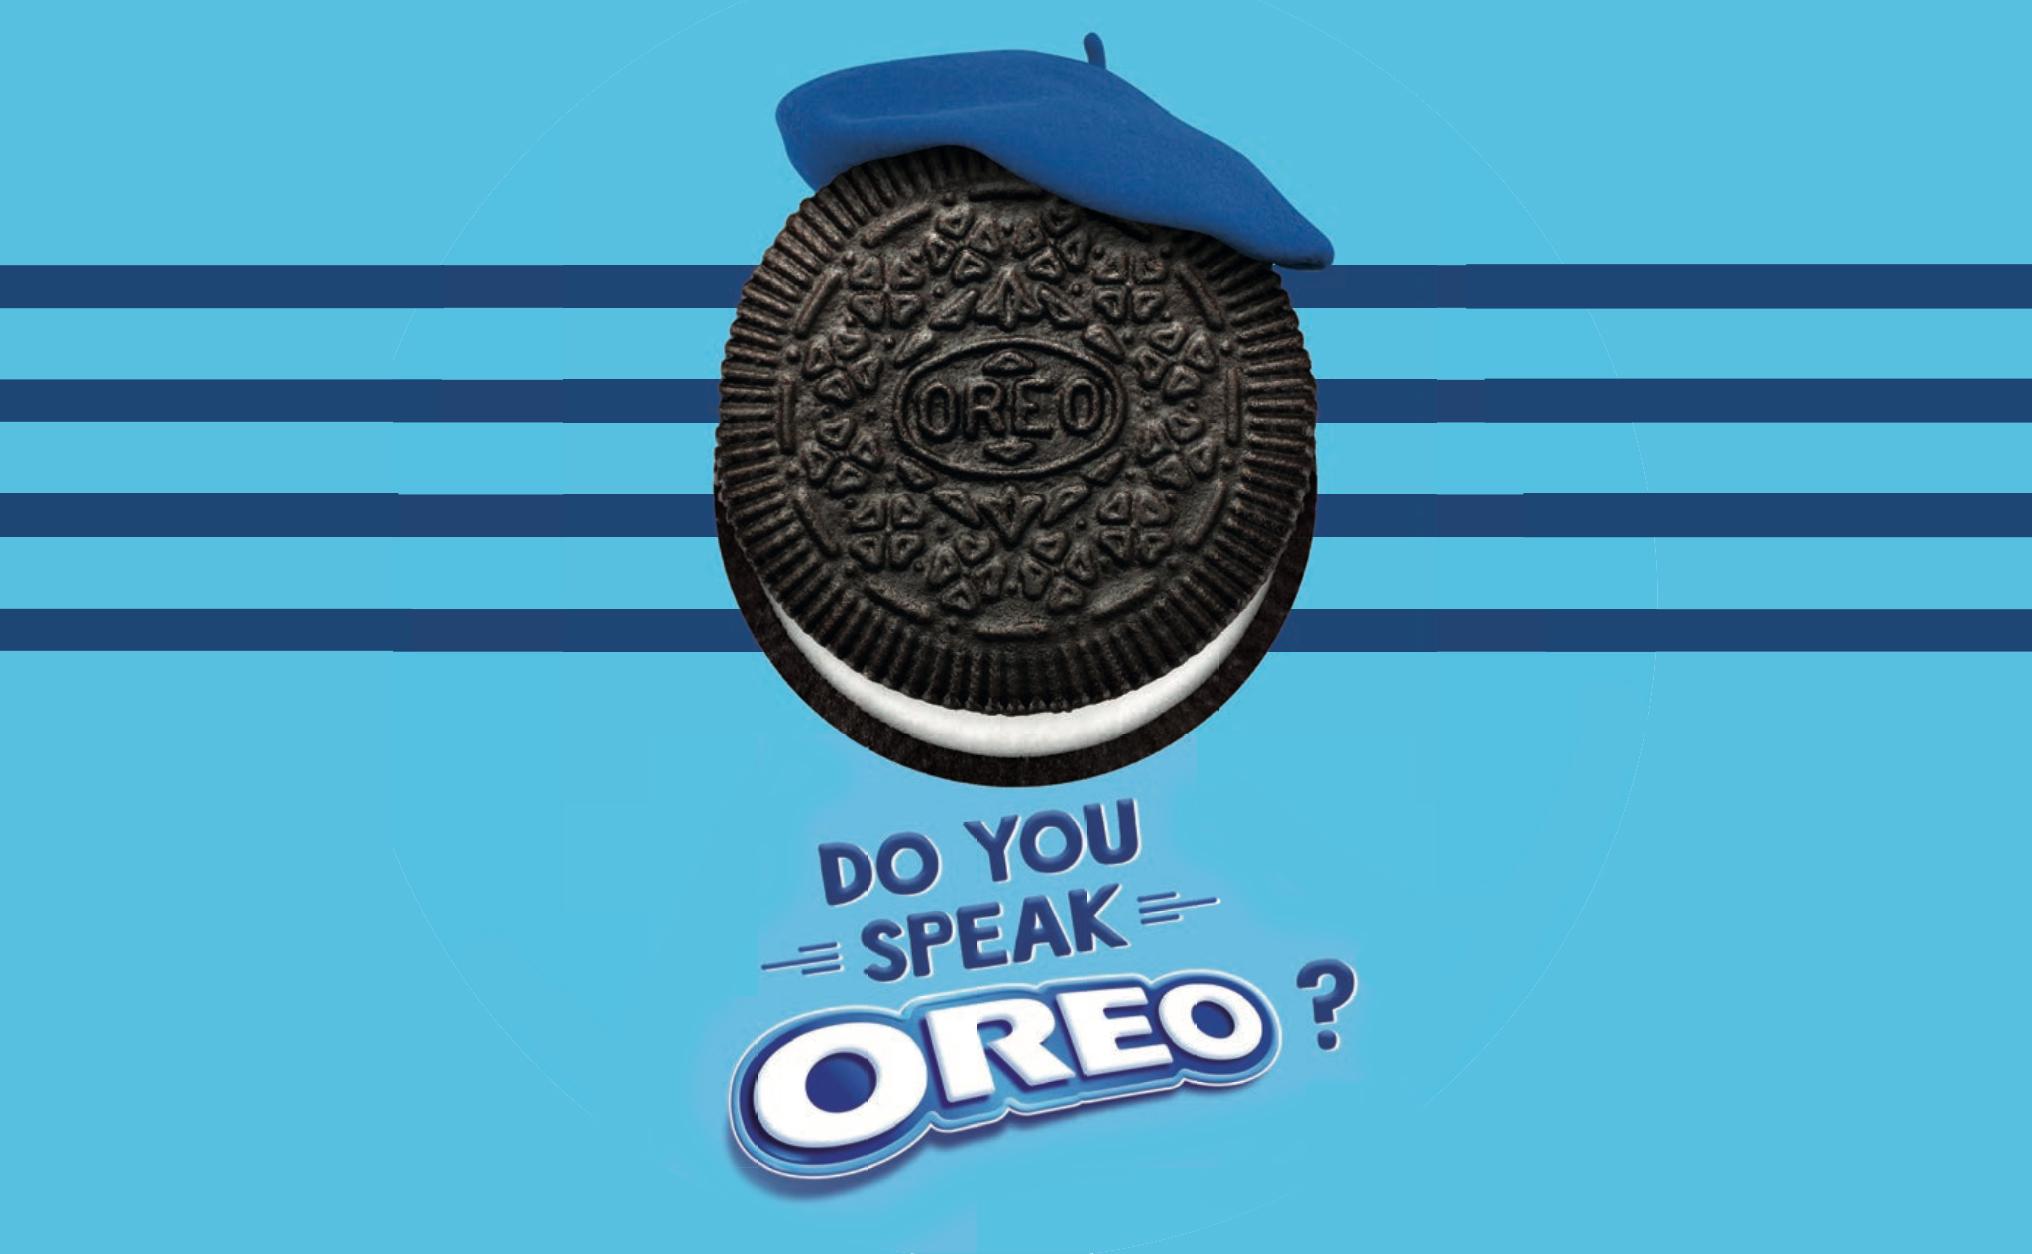 oreo_do-you-speak-oreo